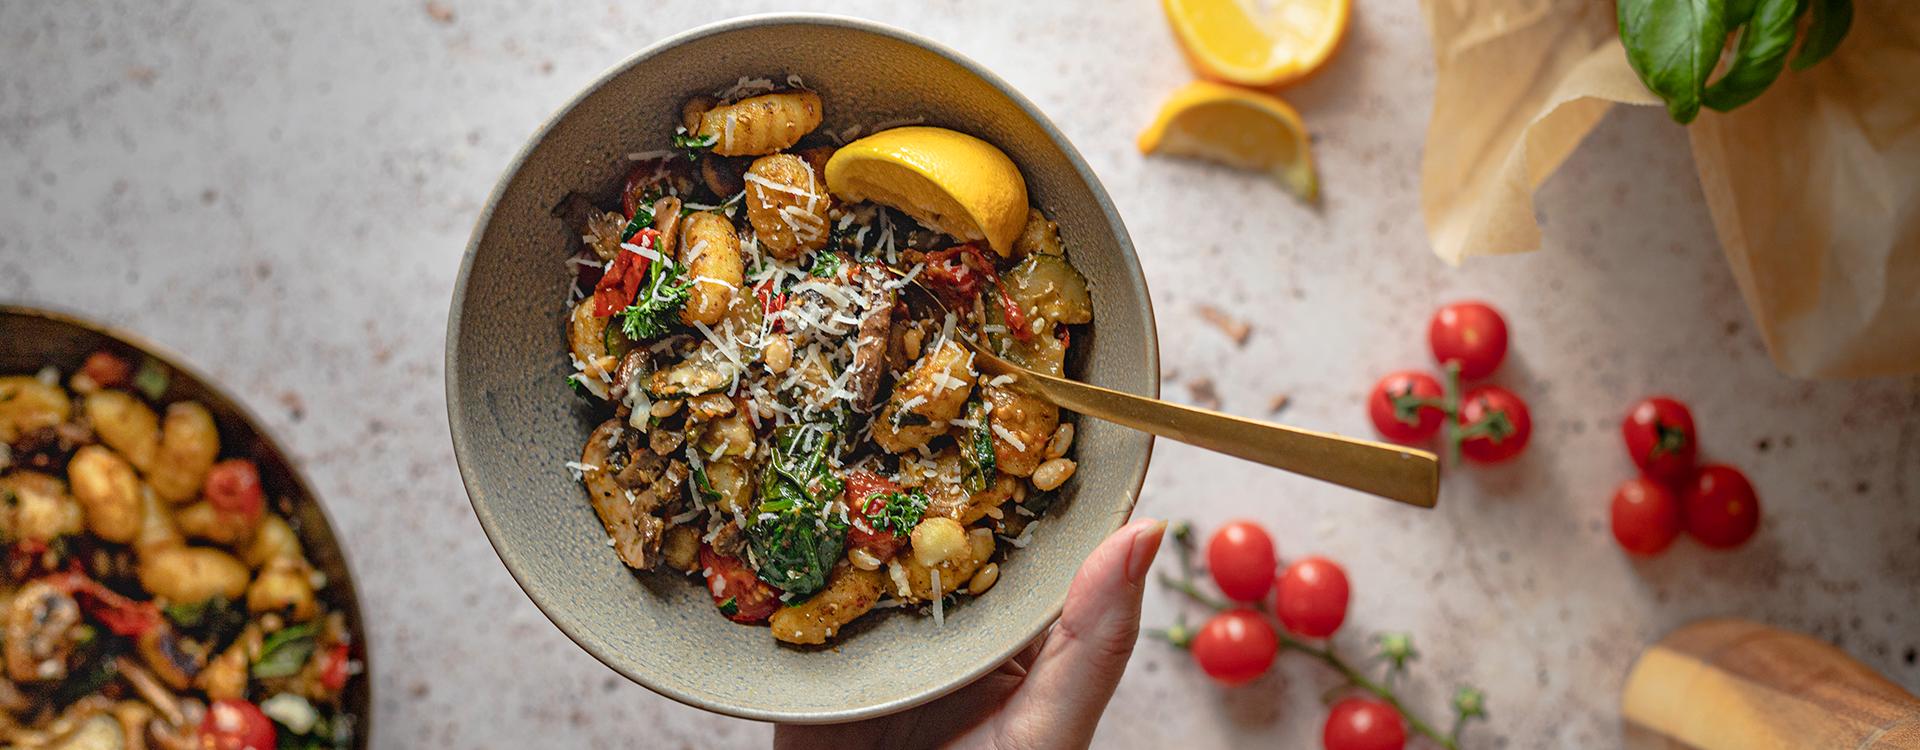 Czerwona soczewica z warzywami - pełnowartościowo i zdrowo!